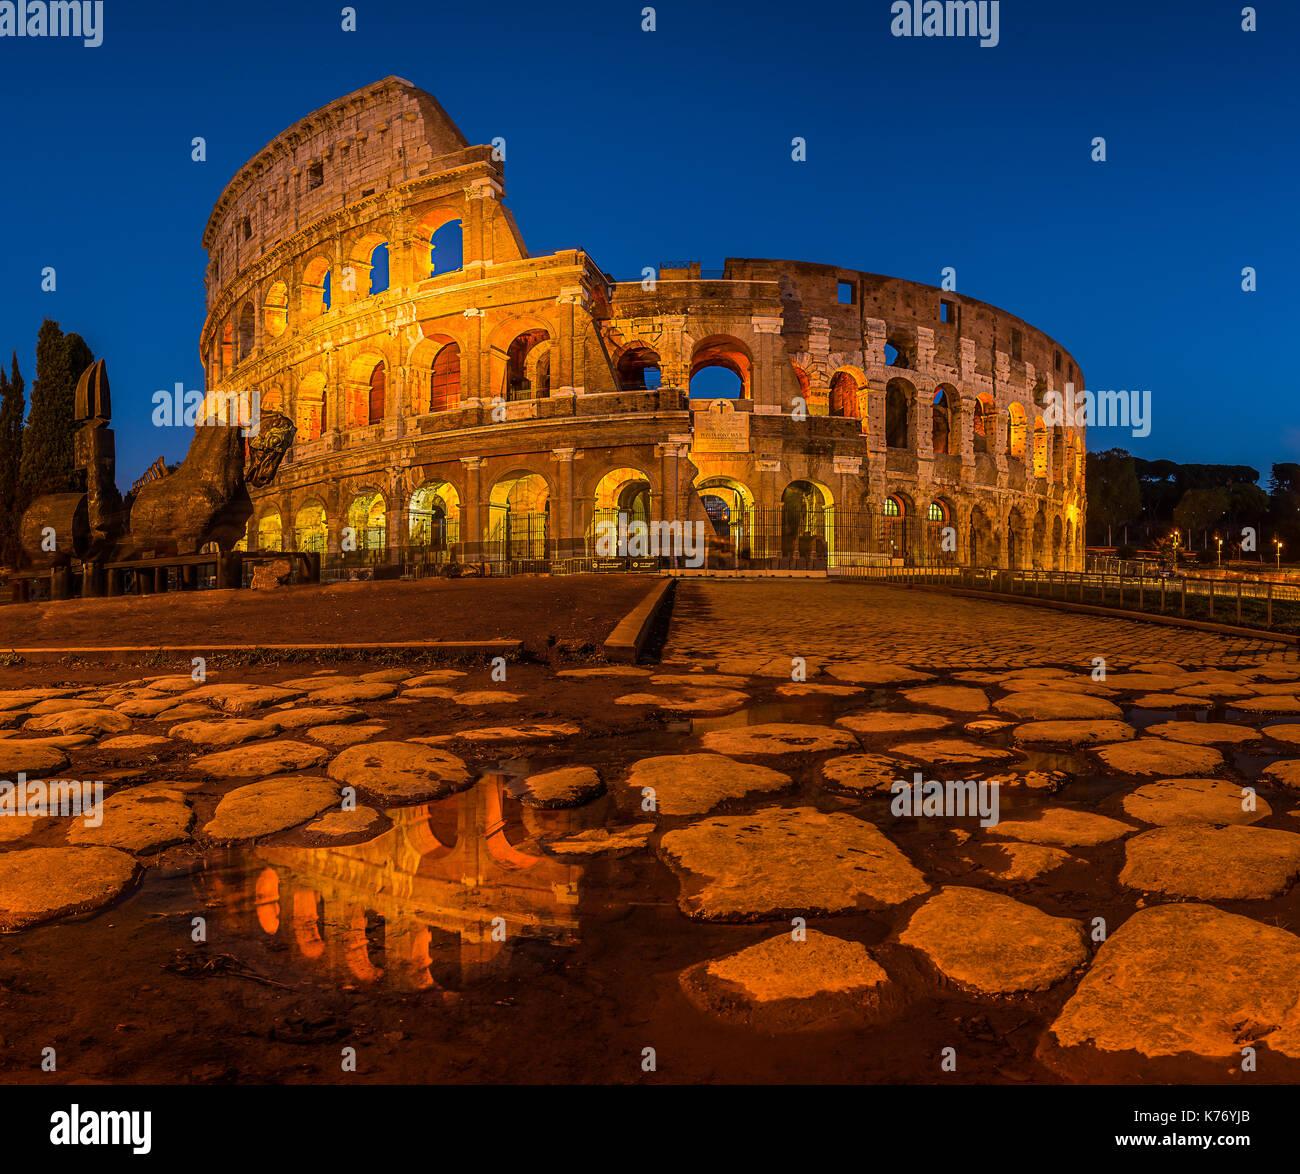 Die perfekte Aufnahme auf das Kolosseum. Der Vordergrund wird reflektiert die berühmten Gebäude, was die Aufnahme mit Epos. Dieses Foto ist Rom in einem Bild. Stockbild